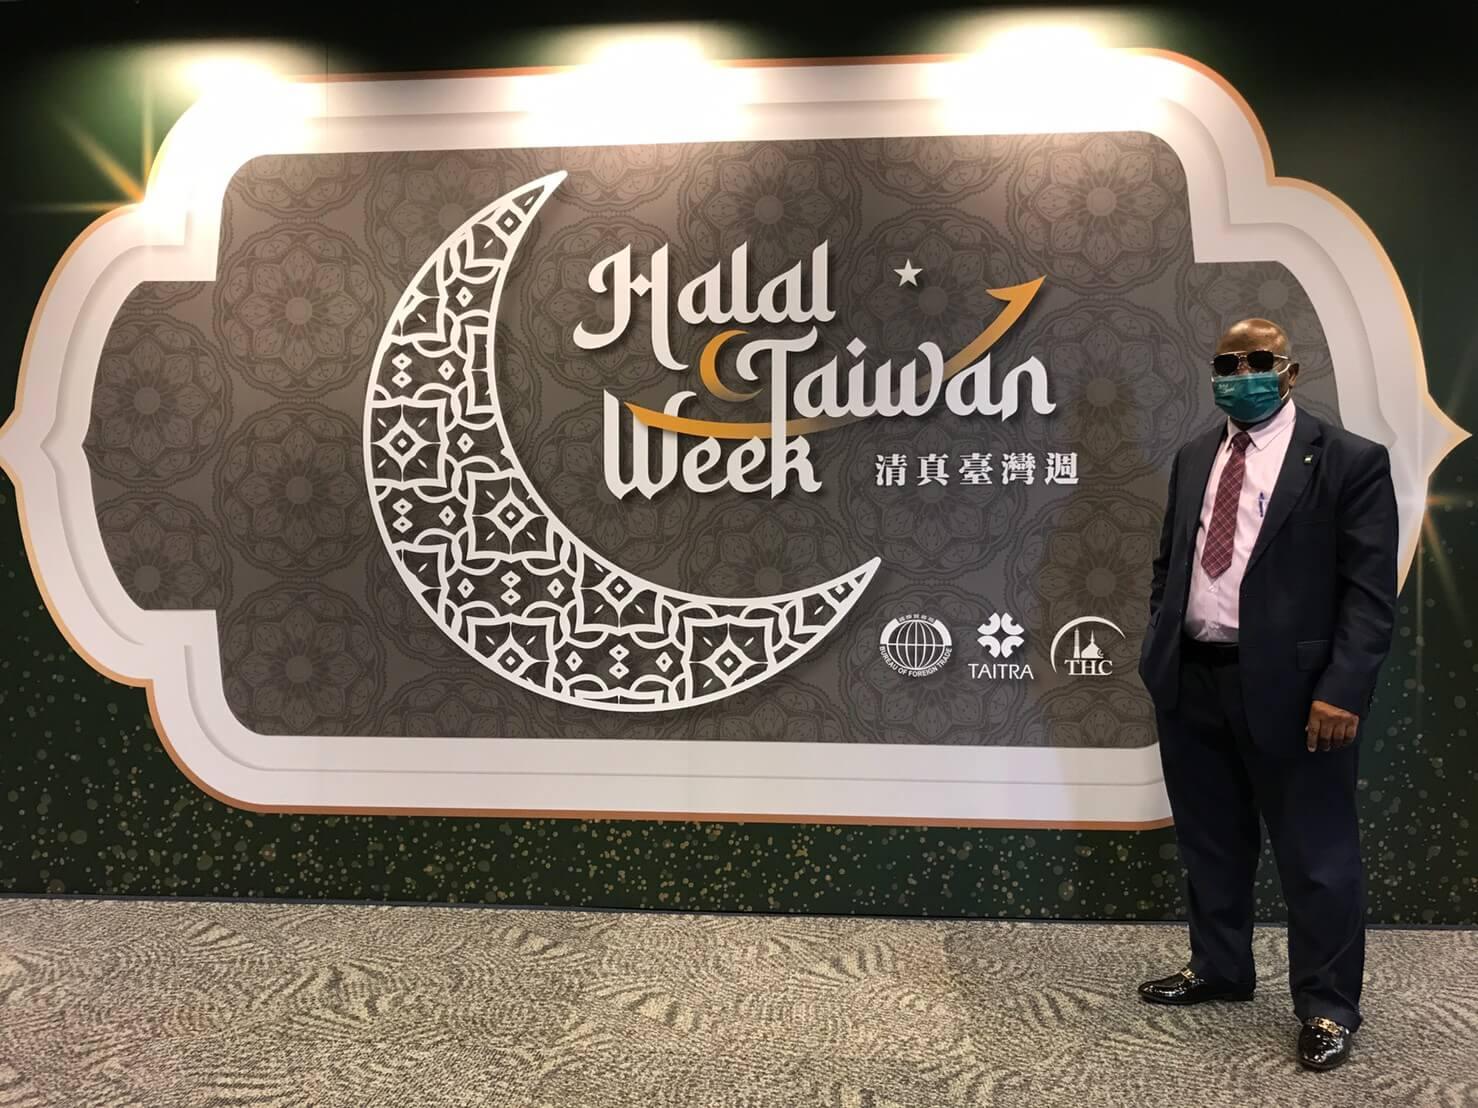 [14.09.2021]- Halal Taiwan Week